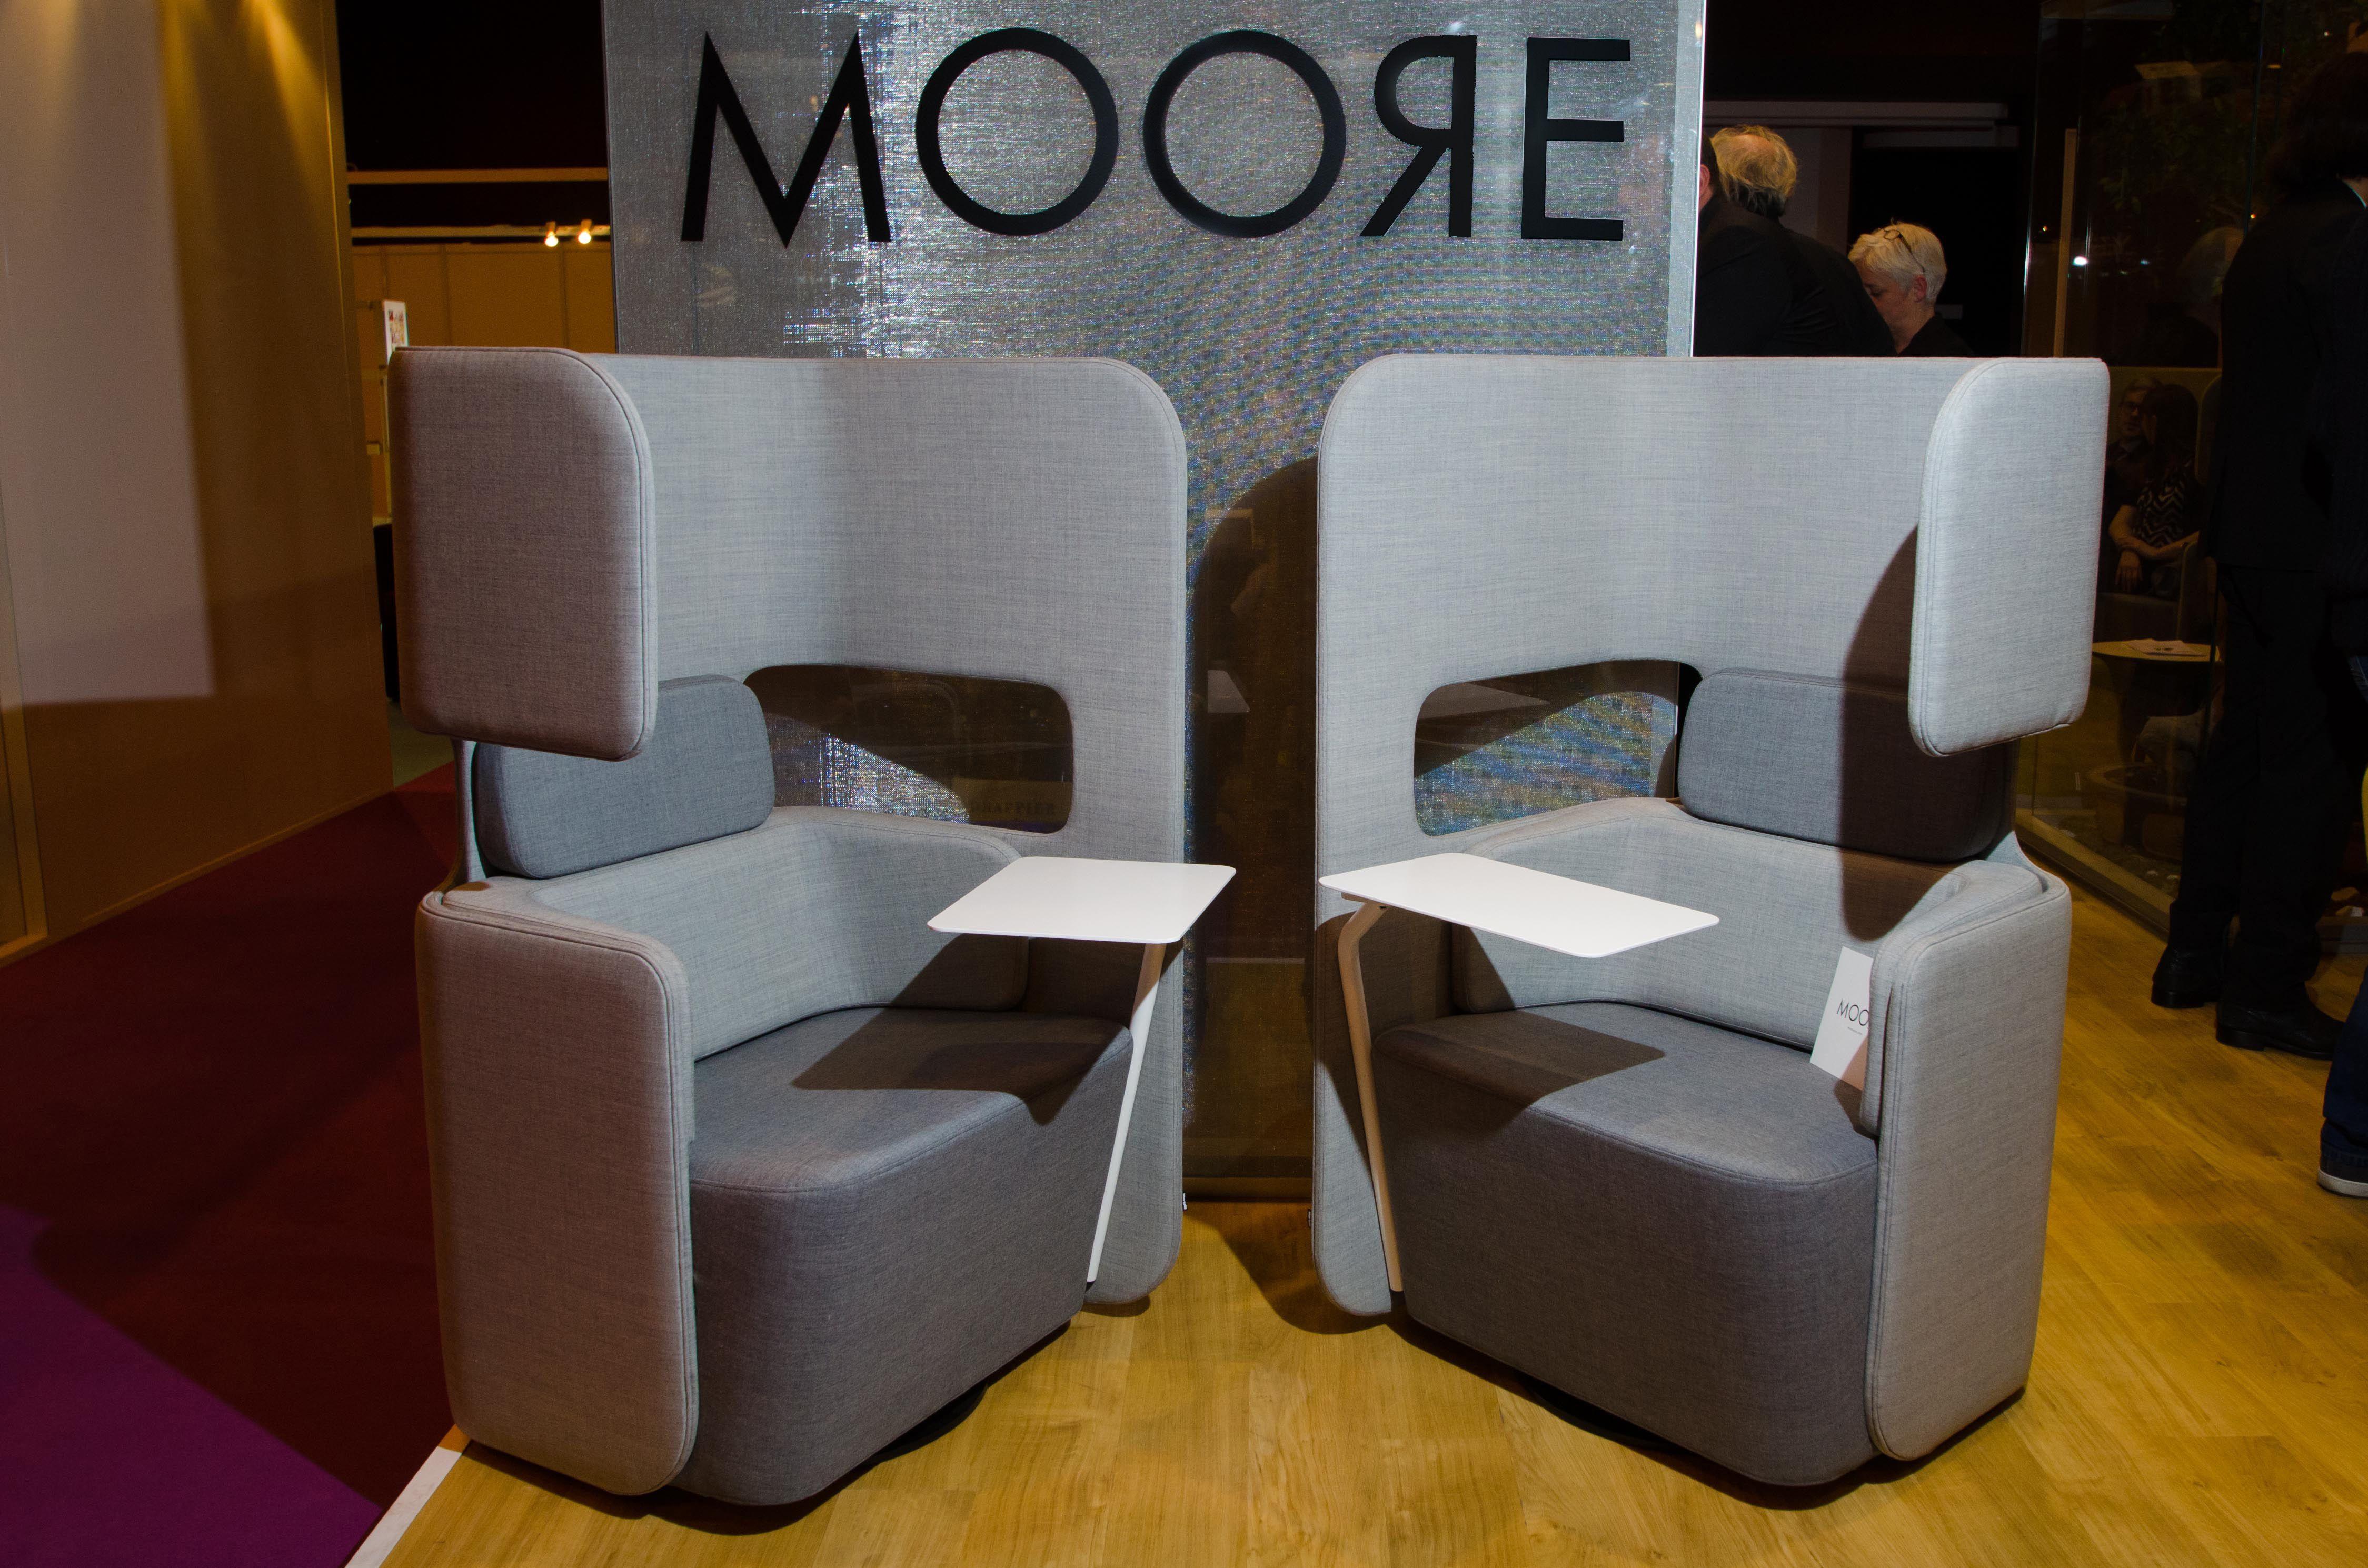 alc ve individuelle pod seat de martela fauteuil avec tablette int gr e bureaux expo 2014. Black Bedroom Furniture Sets. Home Design Ideas